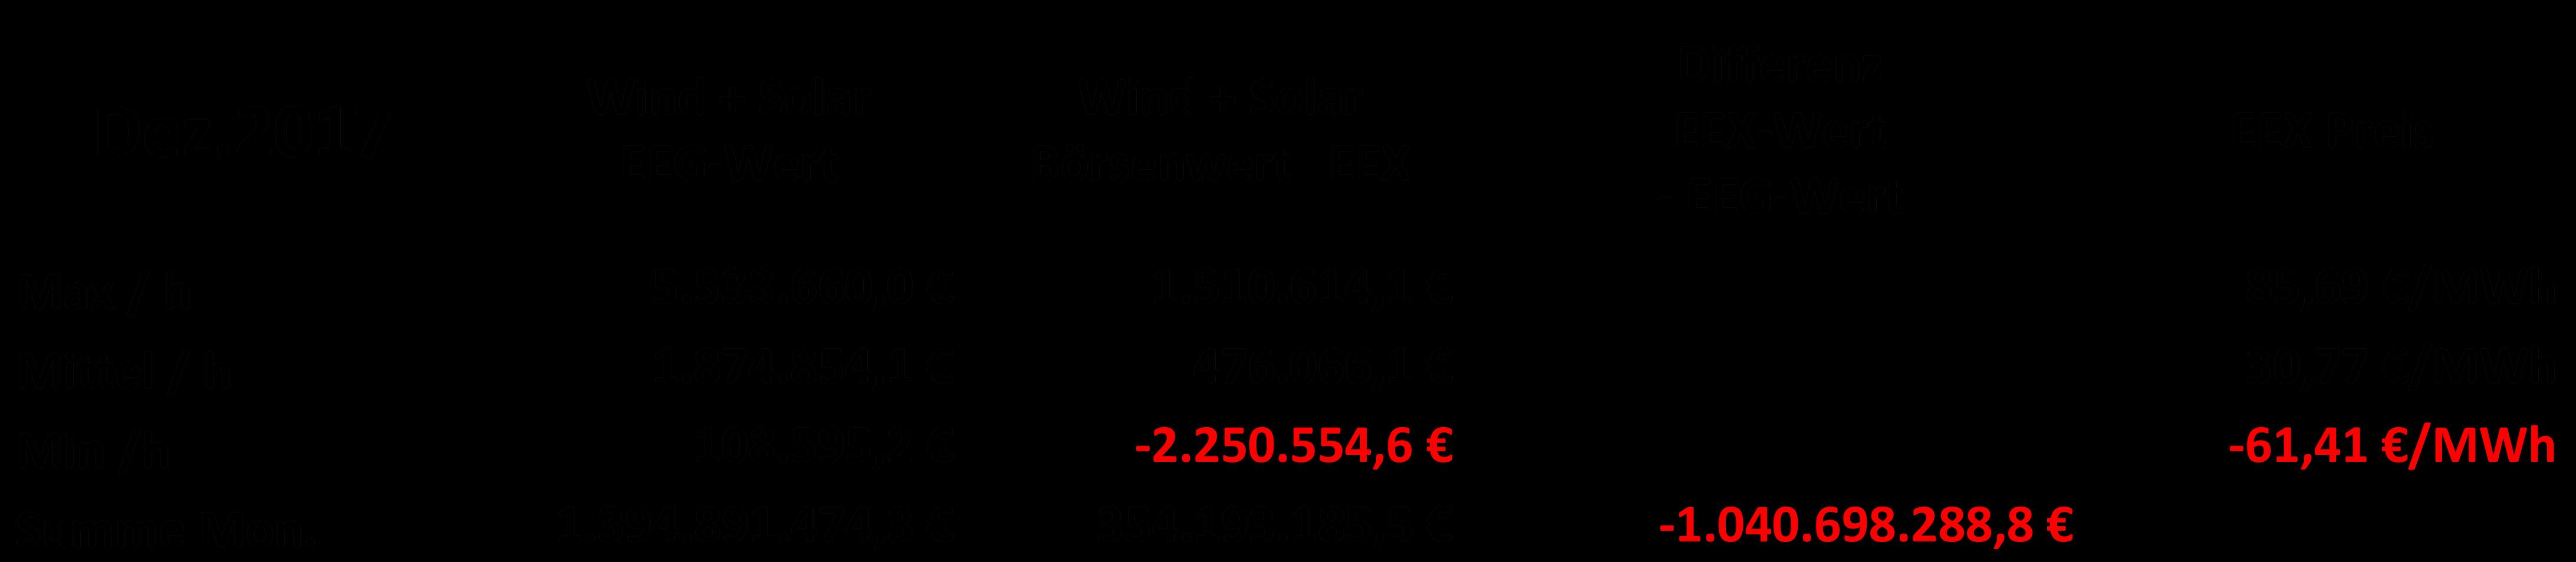 Zahlen der Strombörse EEX